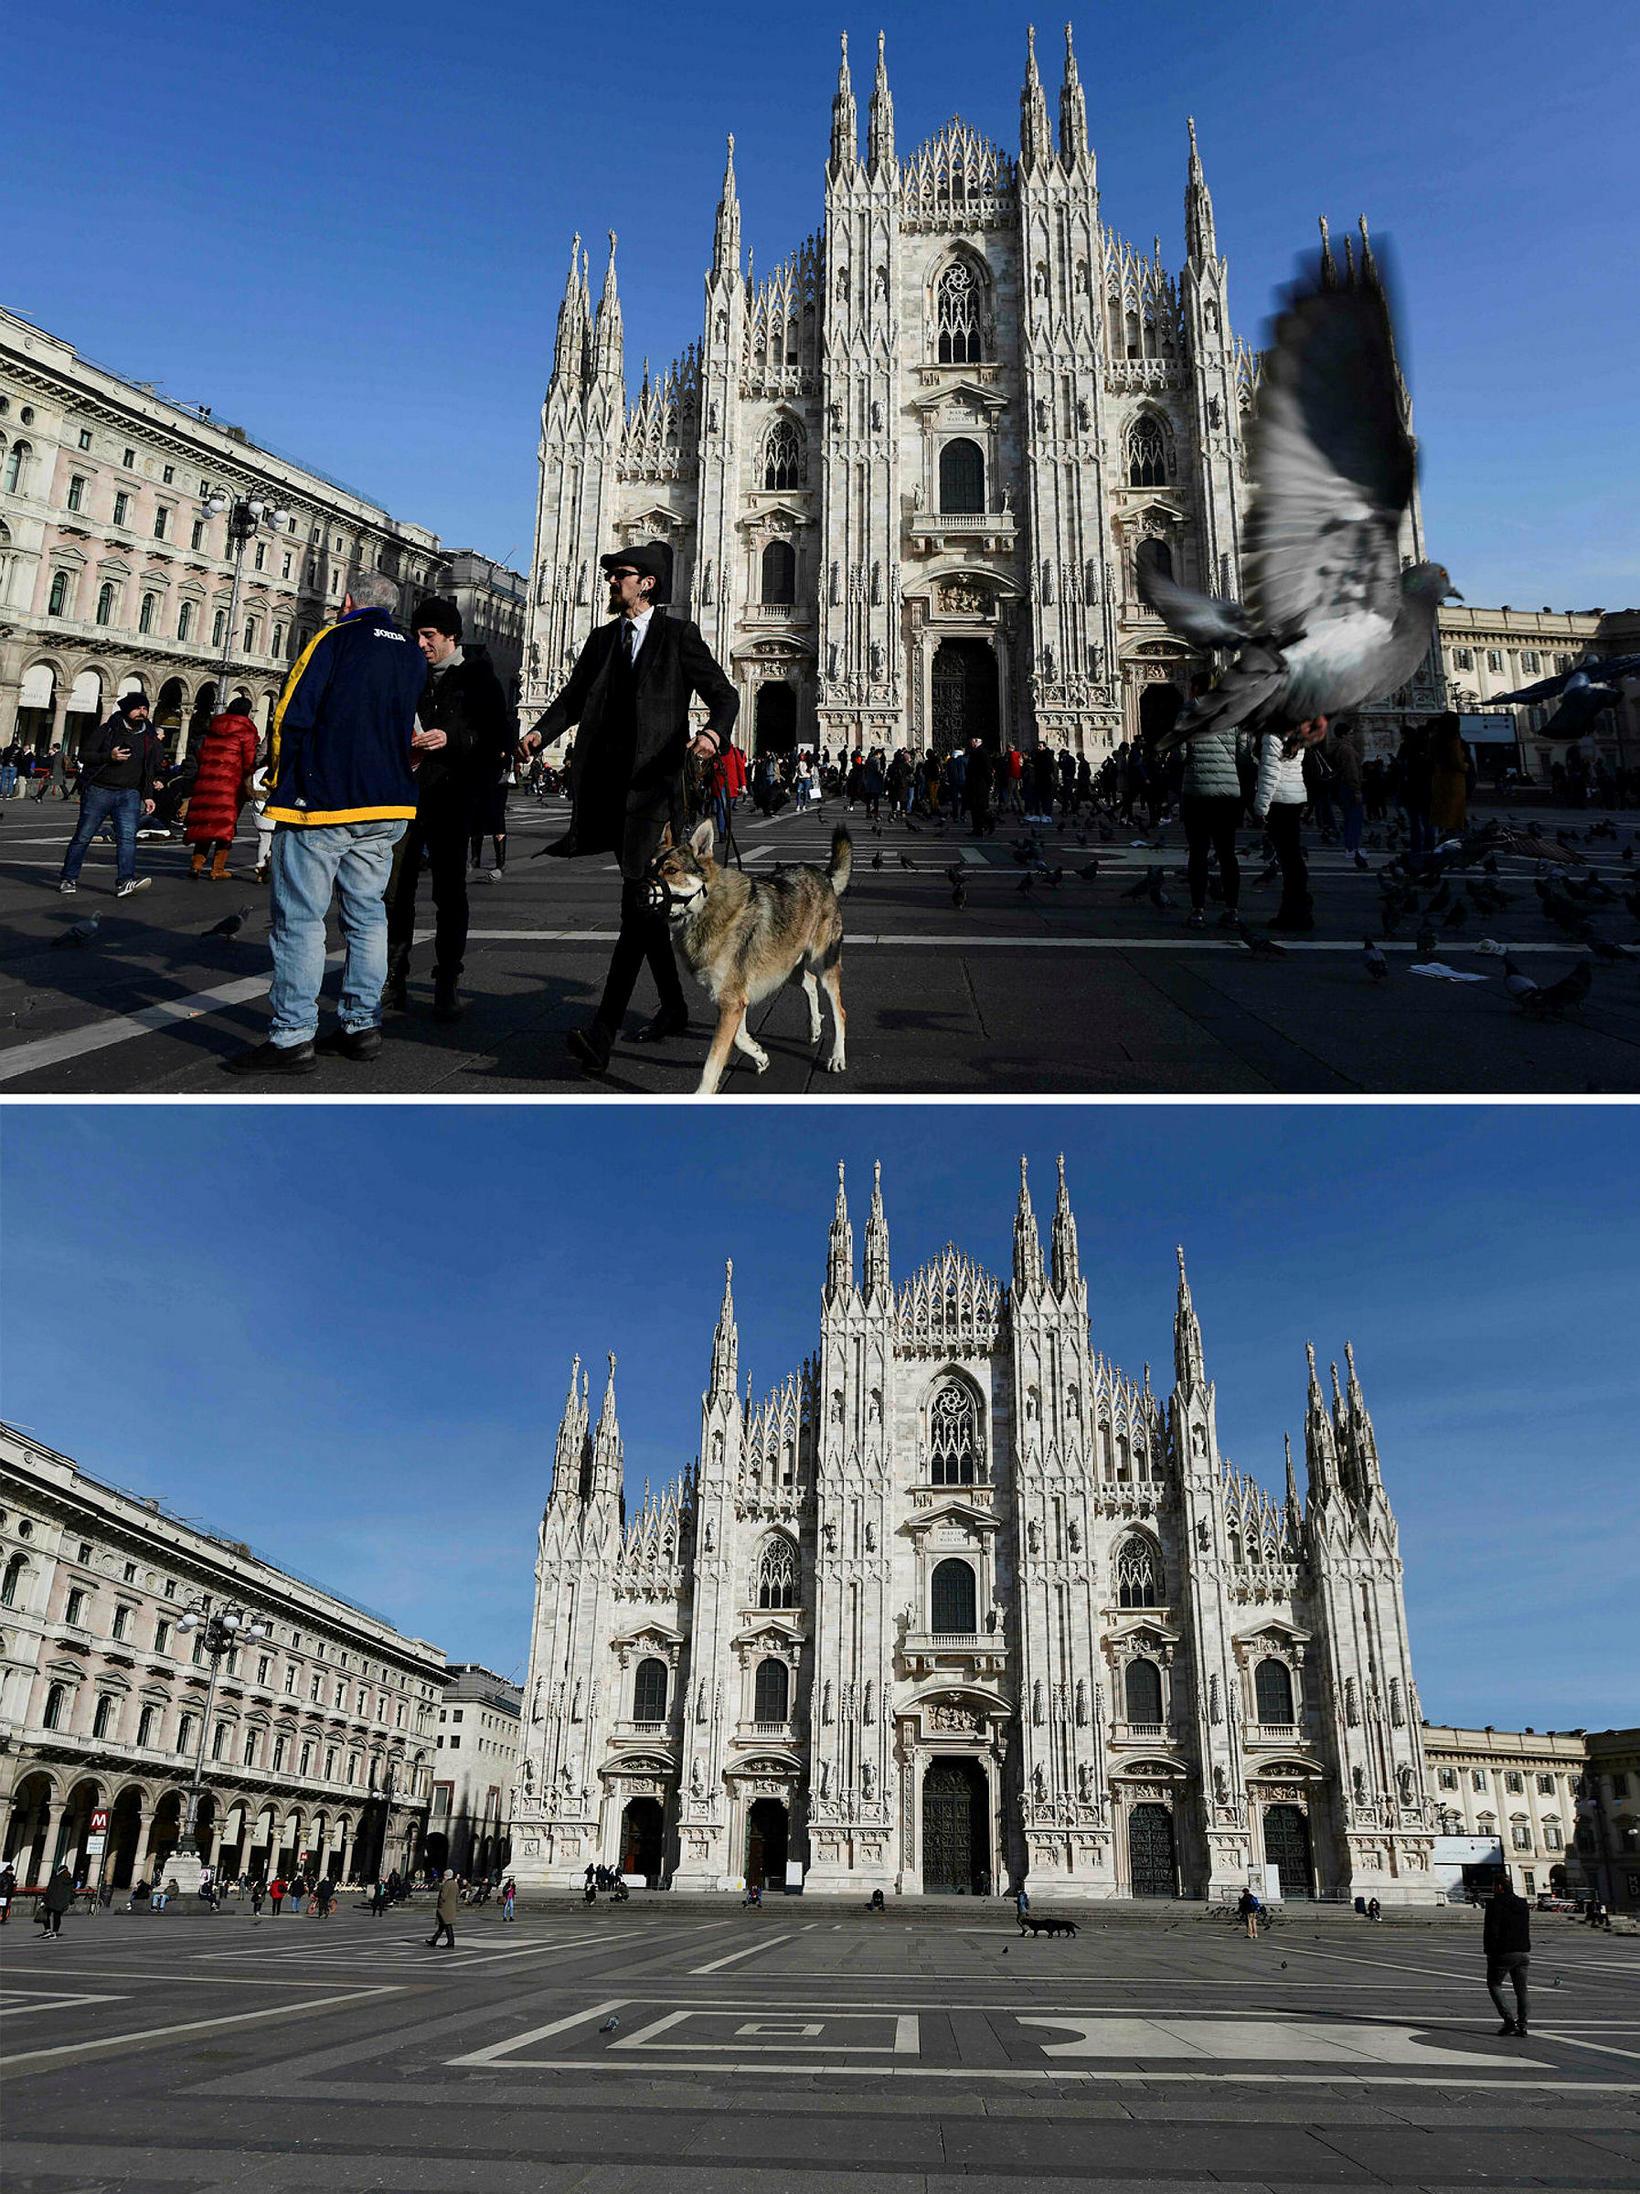 Piazza del Duomo í Mílanó þann 3. febrúar 2020 og …